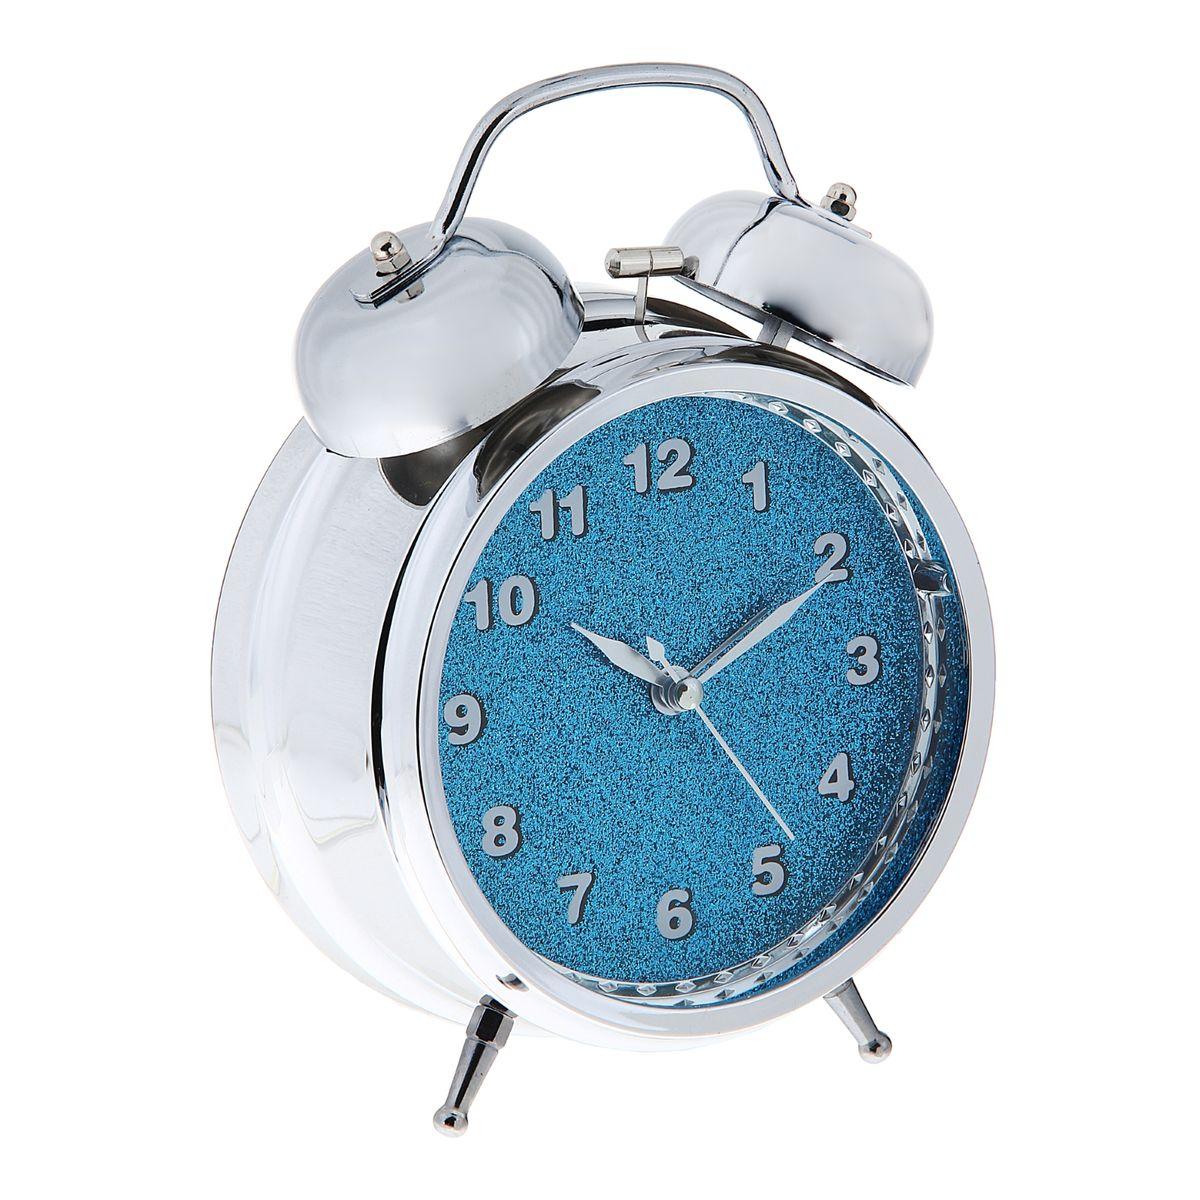 Часы-будильник Sima-land, цвет: серебристый, синий. 1056419MRC 4119 P schwarzКак же сложно иногда вставать вовремя! Всегда так хочется поспать еще хотя бы 5 минут и бывает, что мы просыпаем. Теперь этого не случится! Яркий, оригинальный будильник Sima-land поможет вам всегда вставать в нужное время и успевать везде и всюду. Будильник украсит вашу комнату и приведет в восхищение друзей.На задней панели будильника расположены переключатель включения/выключения механизма, а также два колесика для настройки текущего времени и времени звонка будильника. Также будильник оснащен кнопкой, при нажатии и удержании которой подсвечивается циферблат.Будильник работает от 3 батареек типа АА (не входят в комплект).